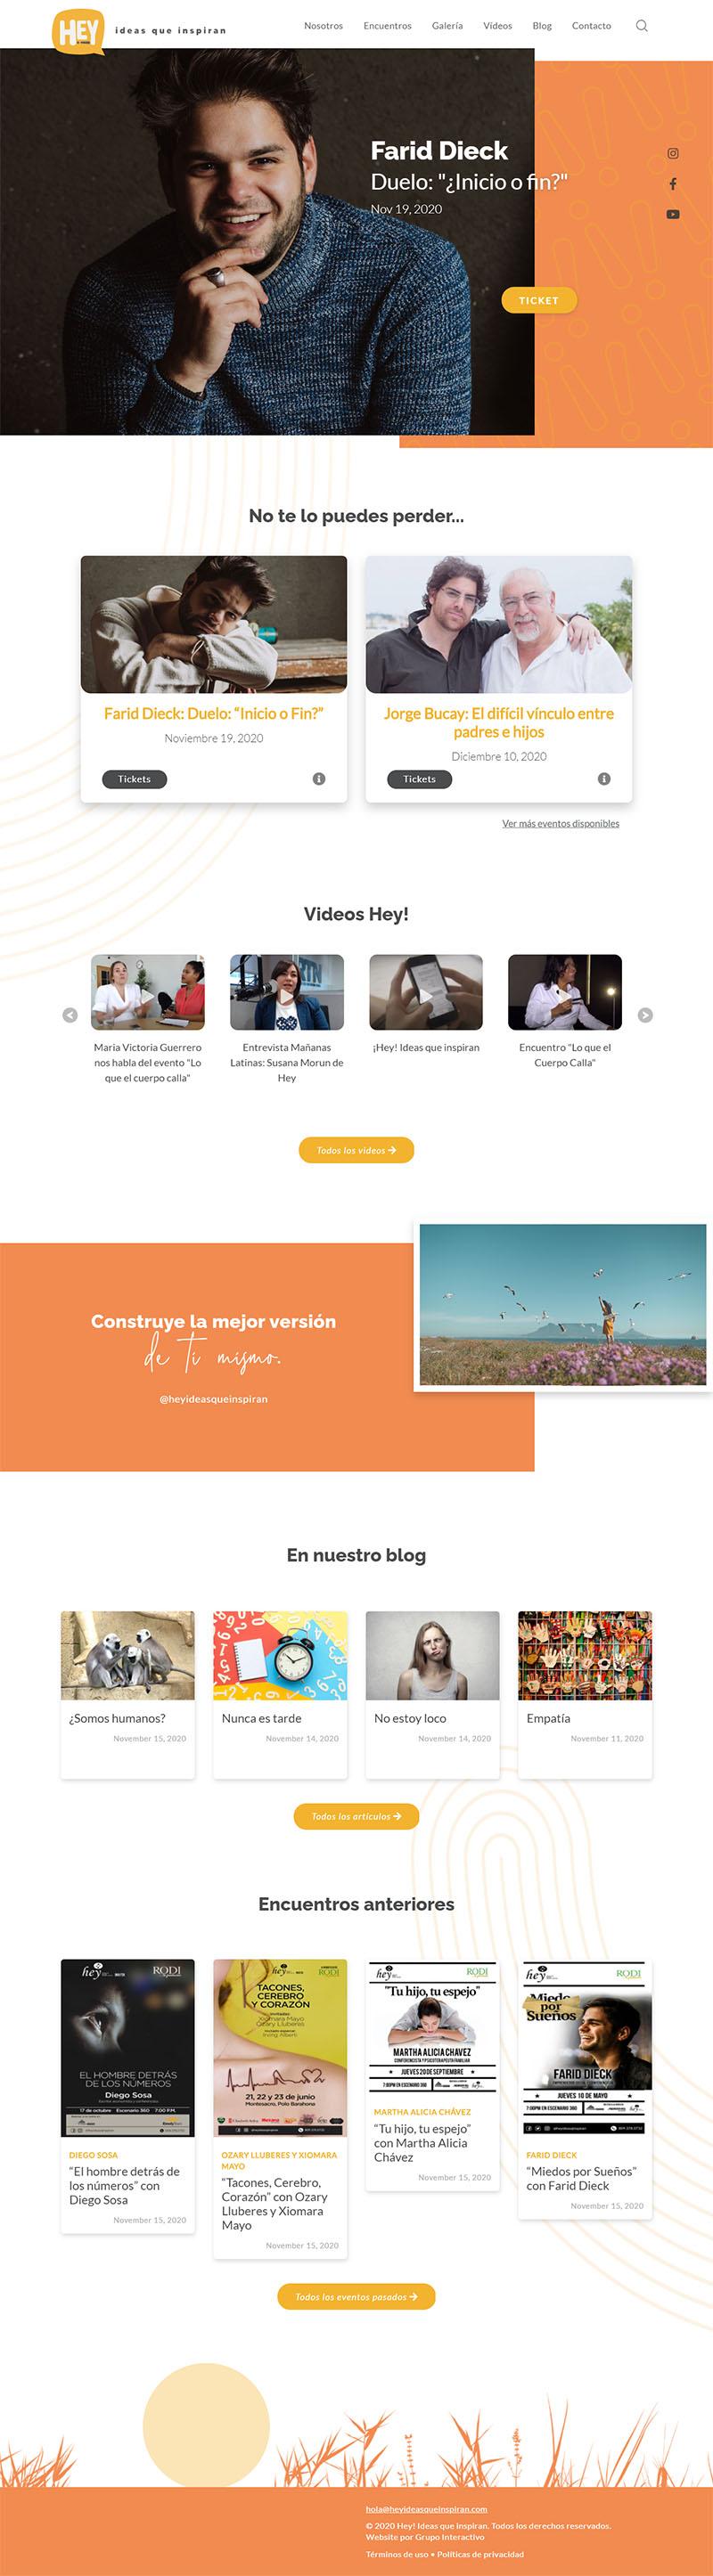 Diseño de Website Hey-Ideas que inspiran